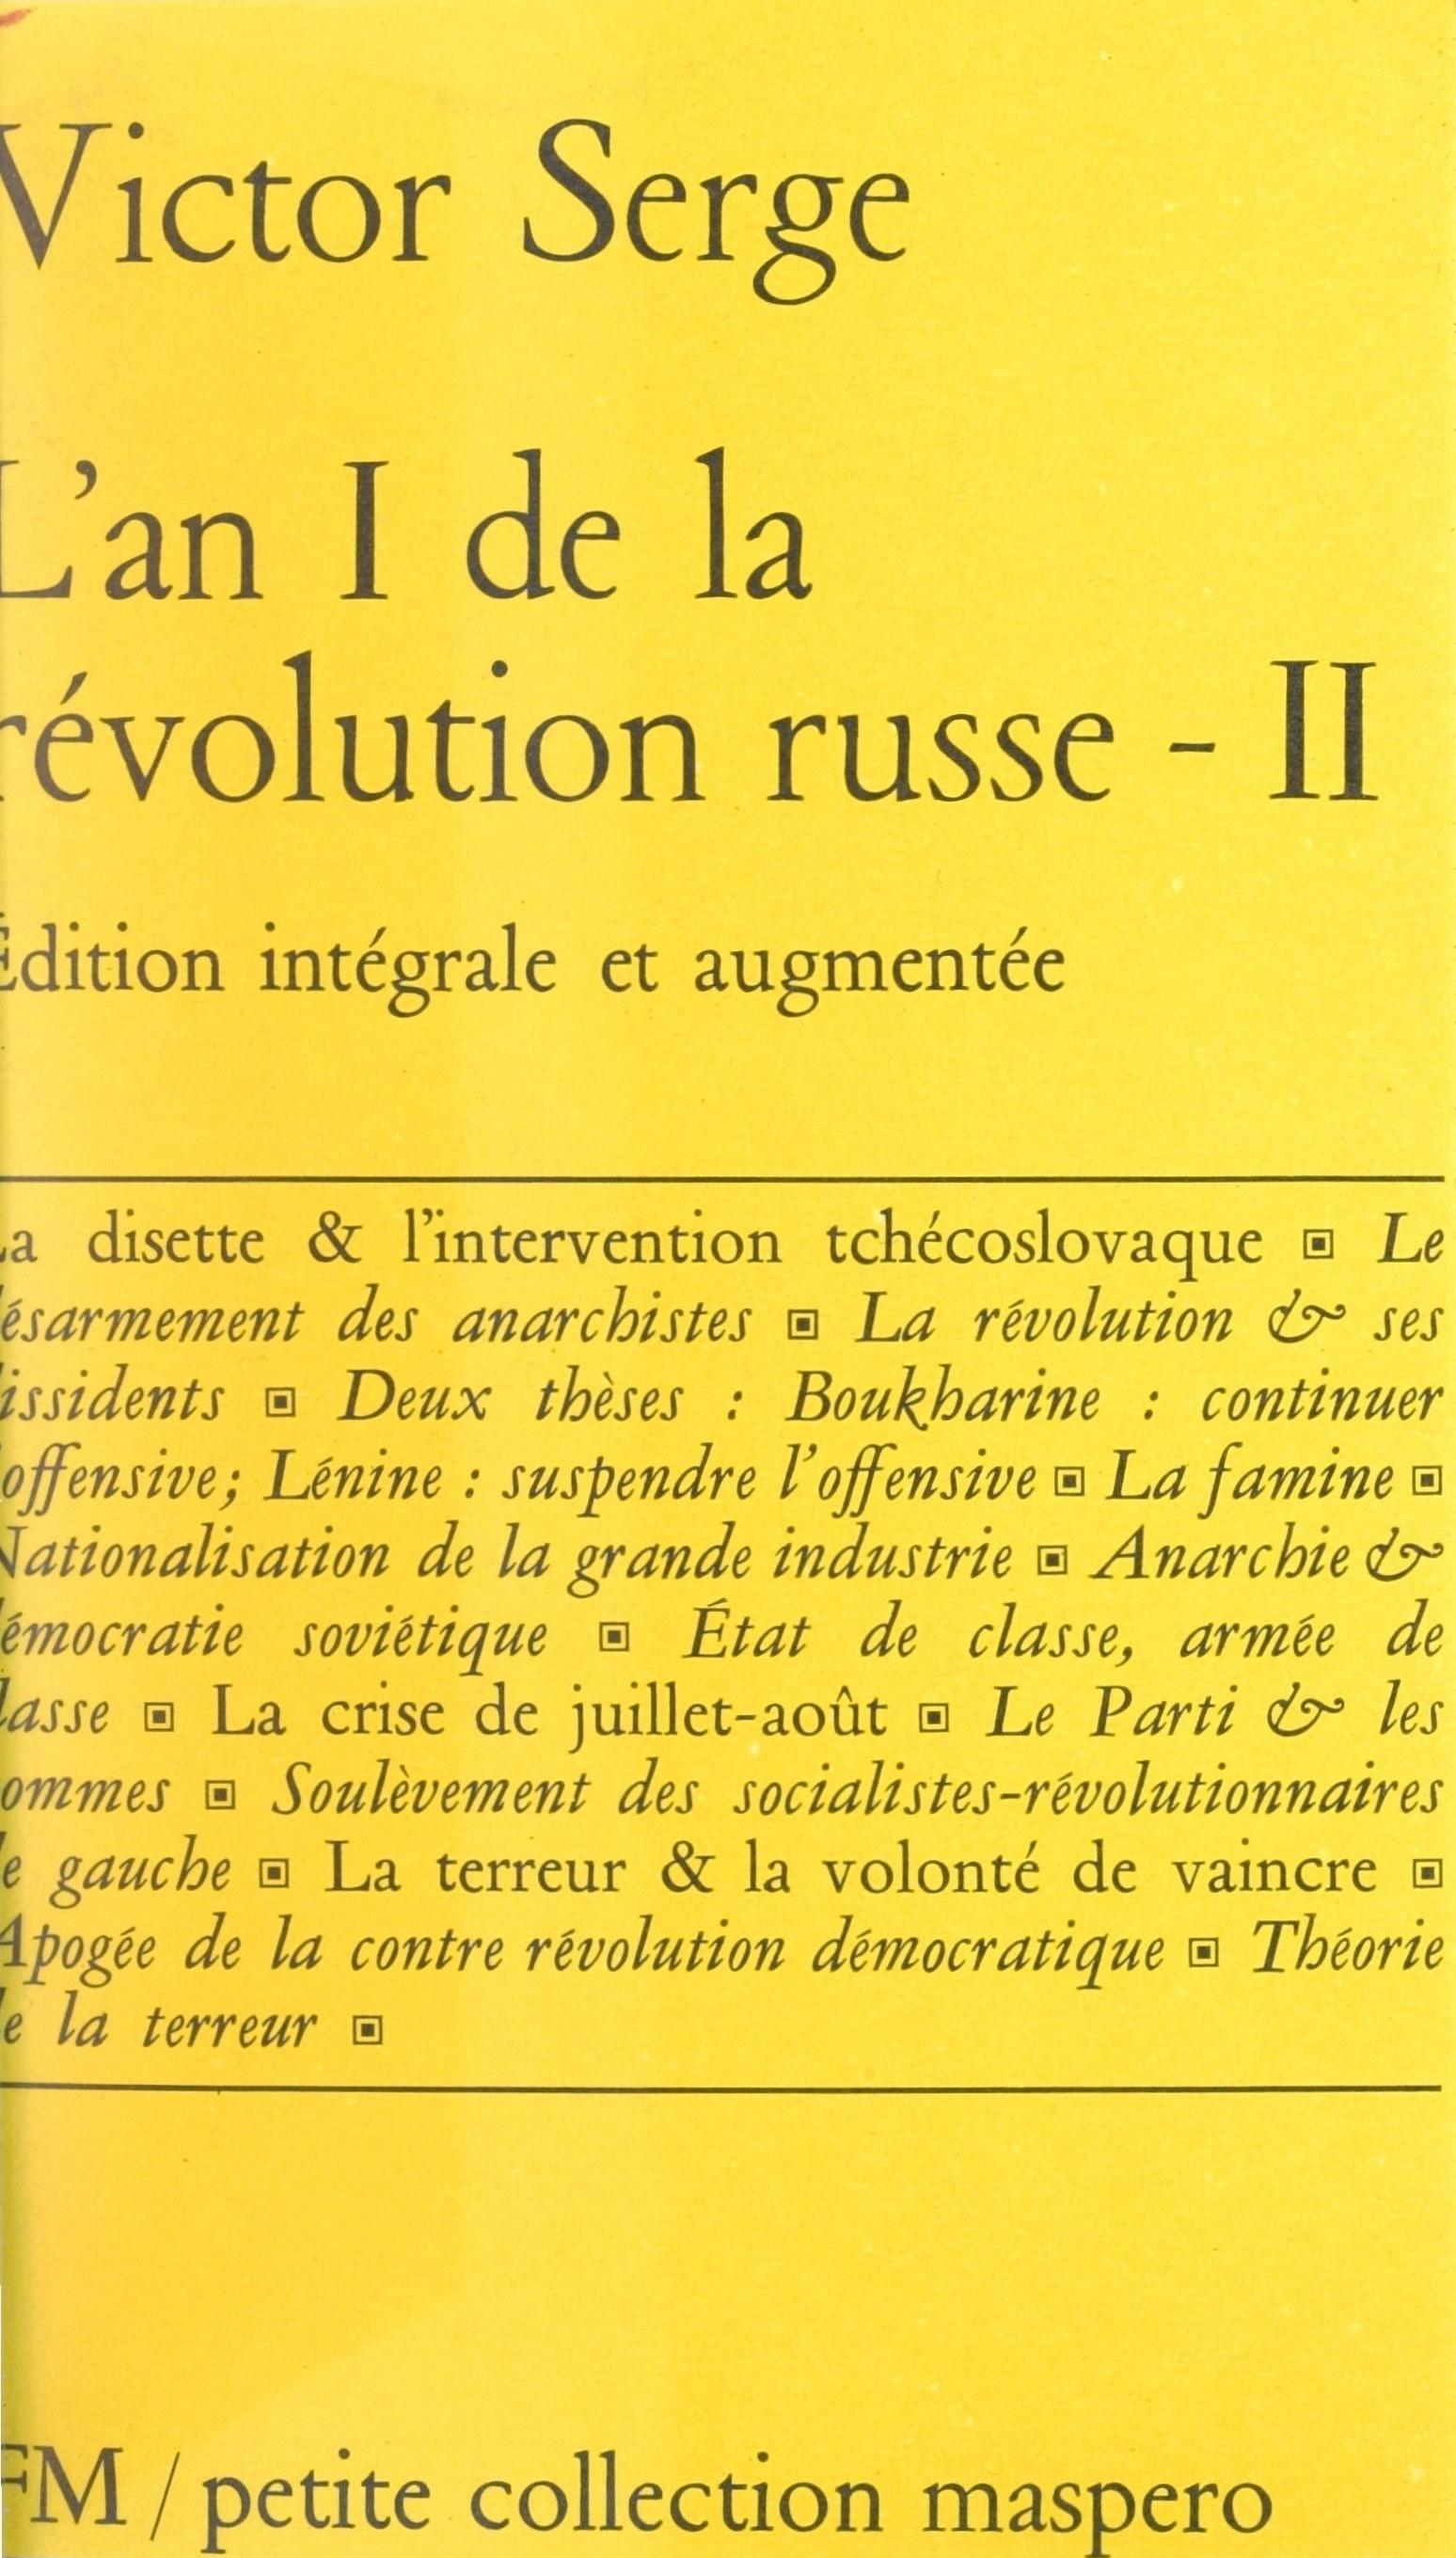 L'an I de la Révolution russe (2)